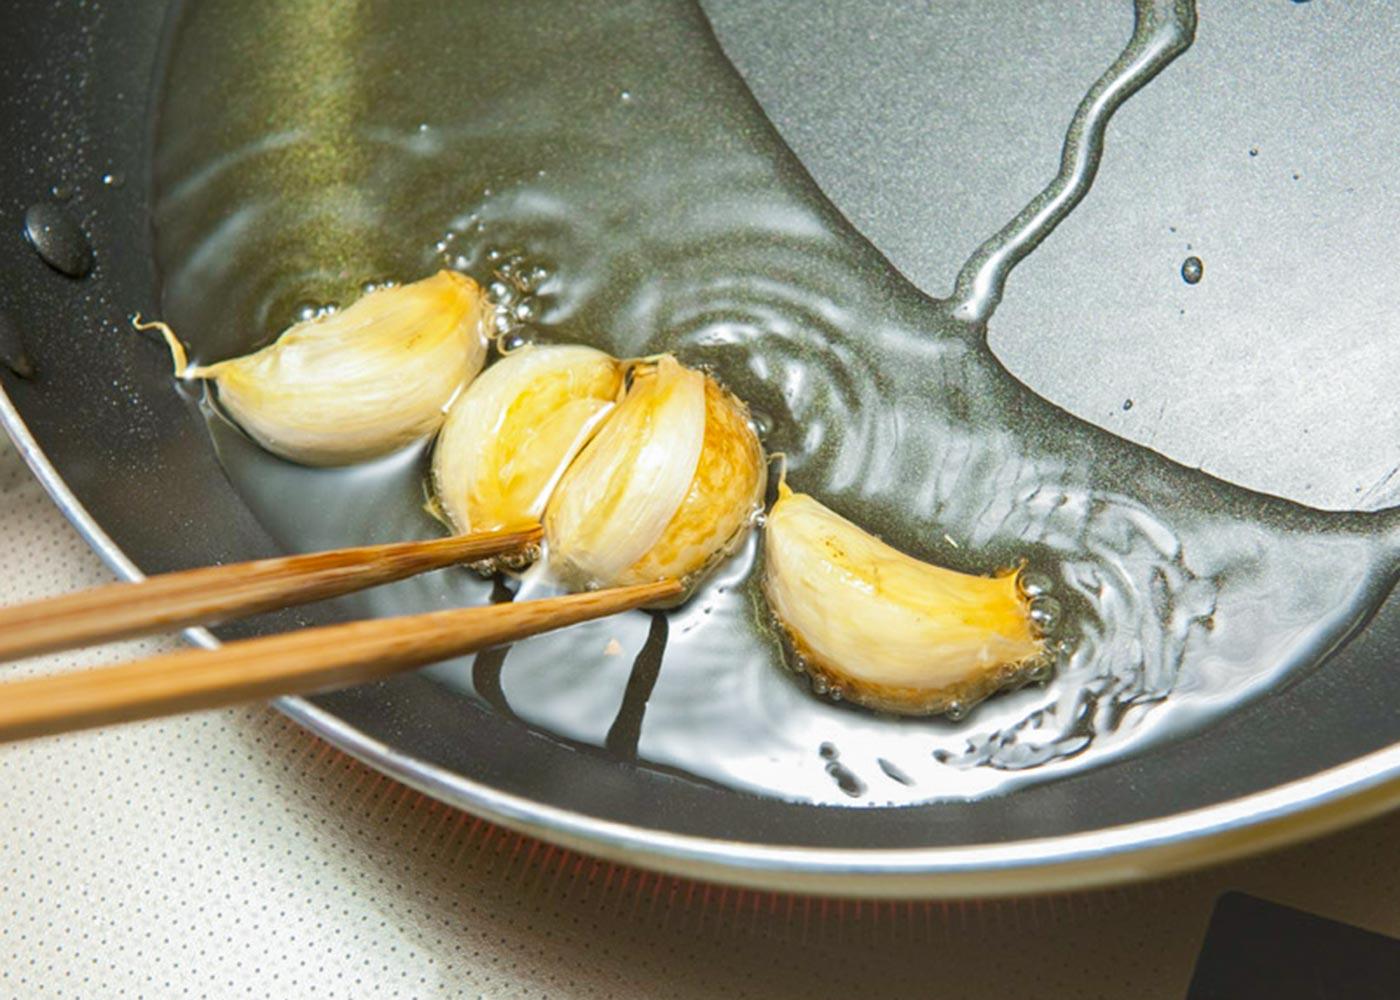 から焼き始め、焼き色が付いてきたら裏側も焼き、弱火にして肉に火を通す。